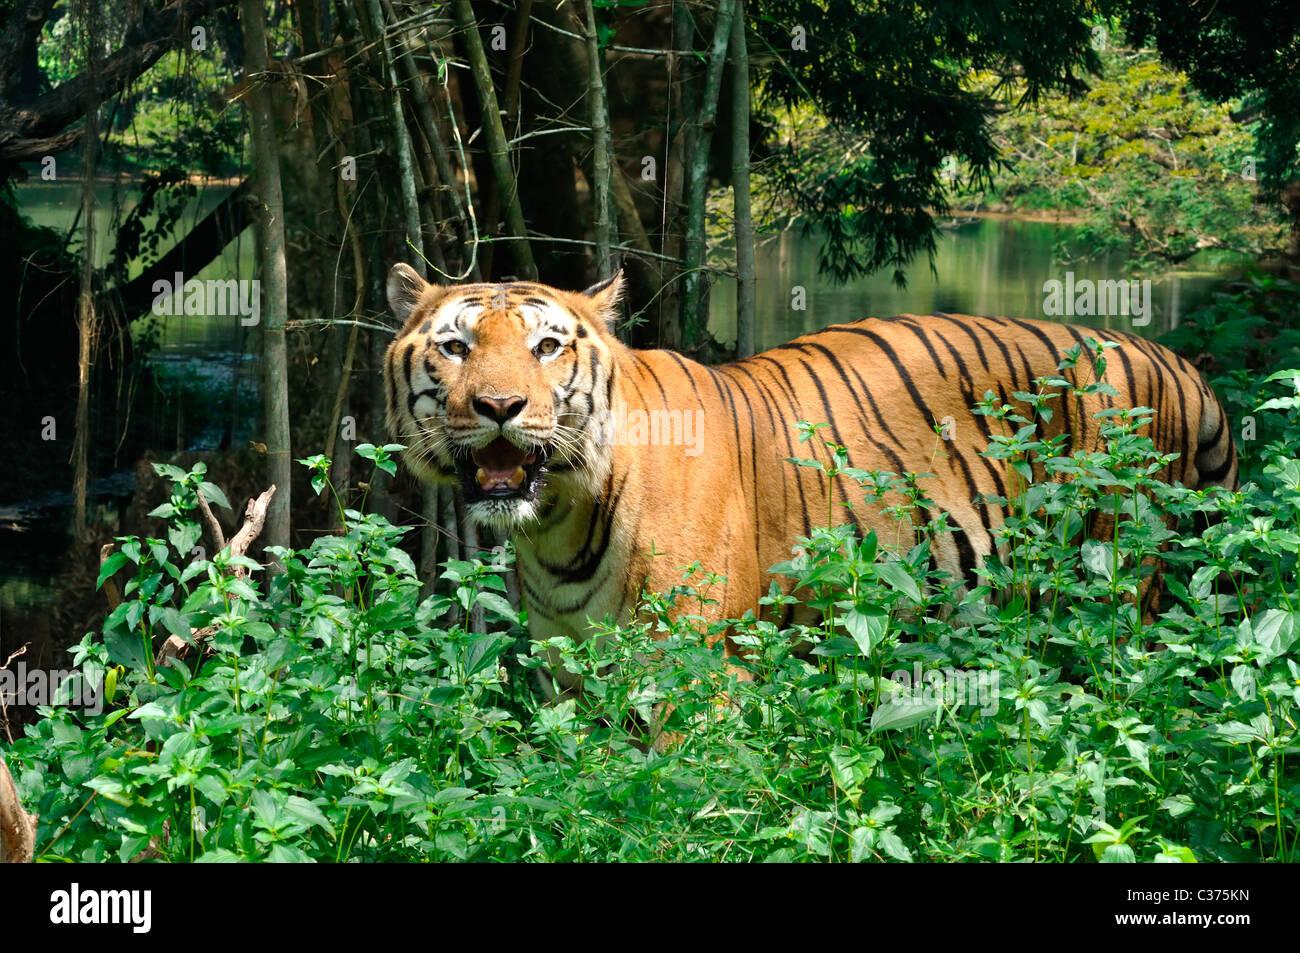 Tigre indio Imagen De Stock